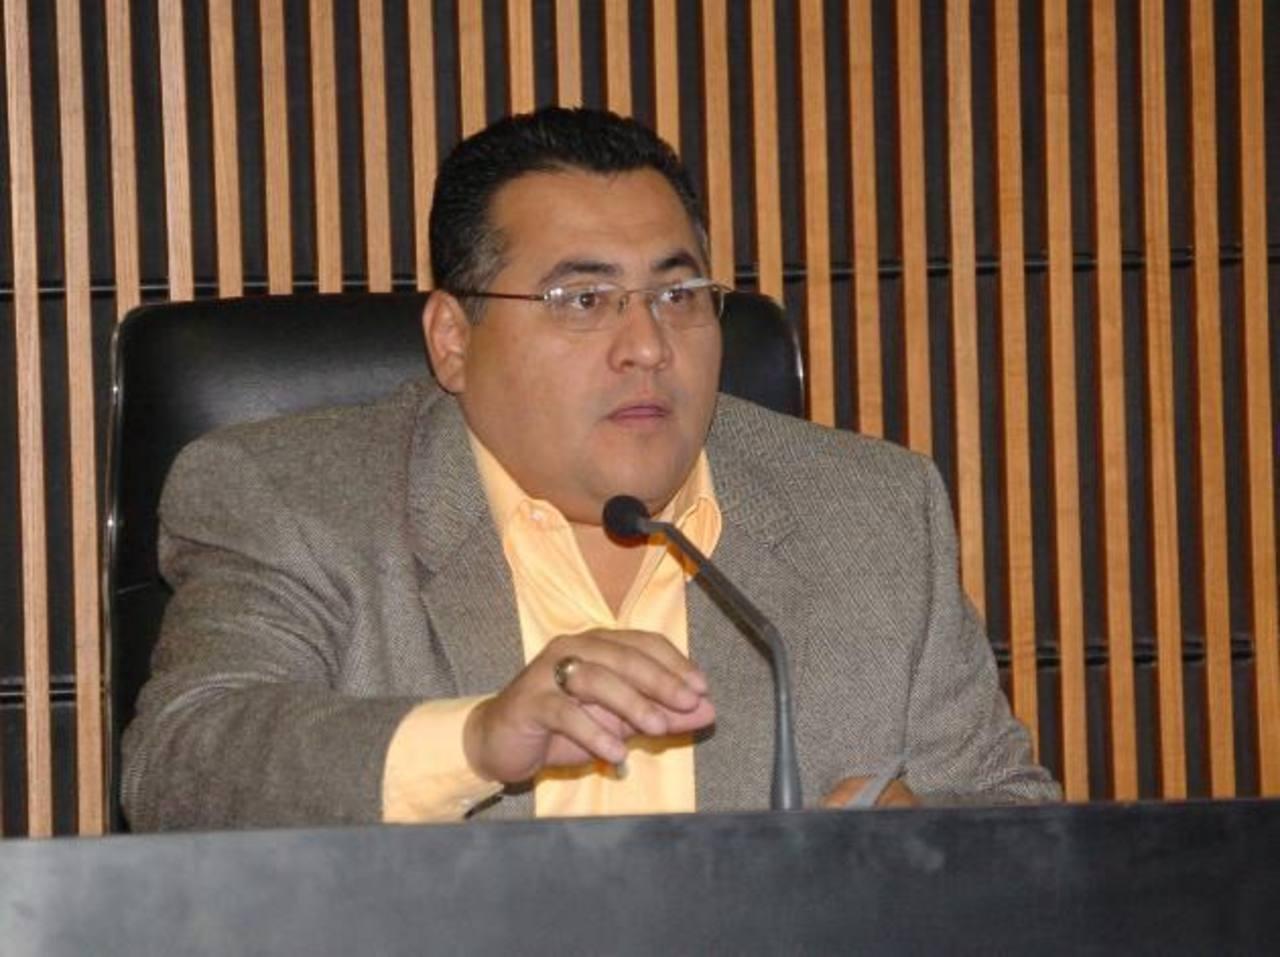 Juez Levis Italmir Orellana del Primero de Instrucción